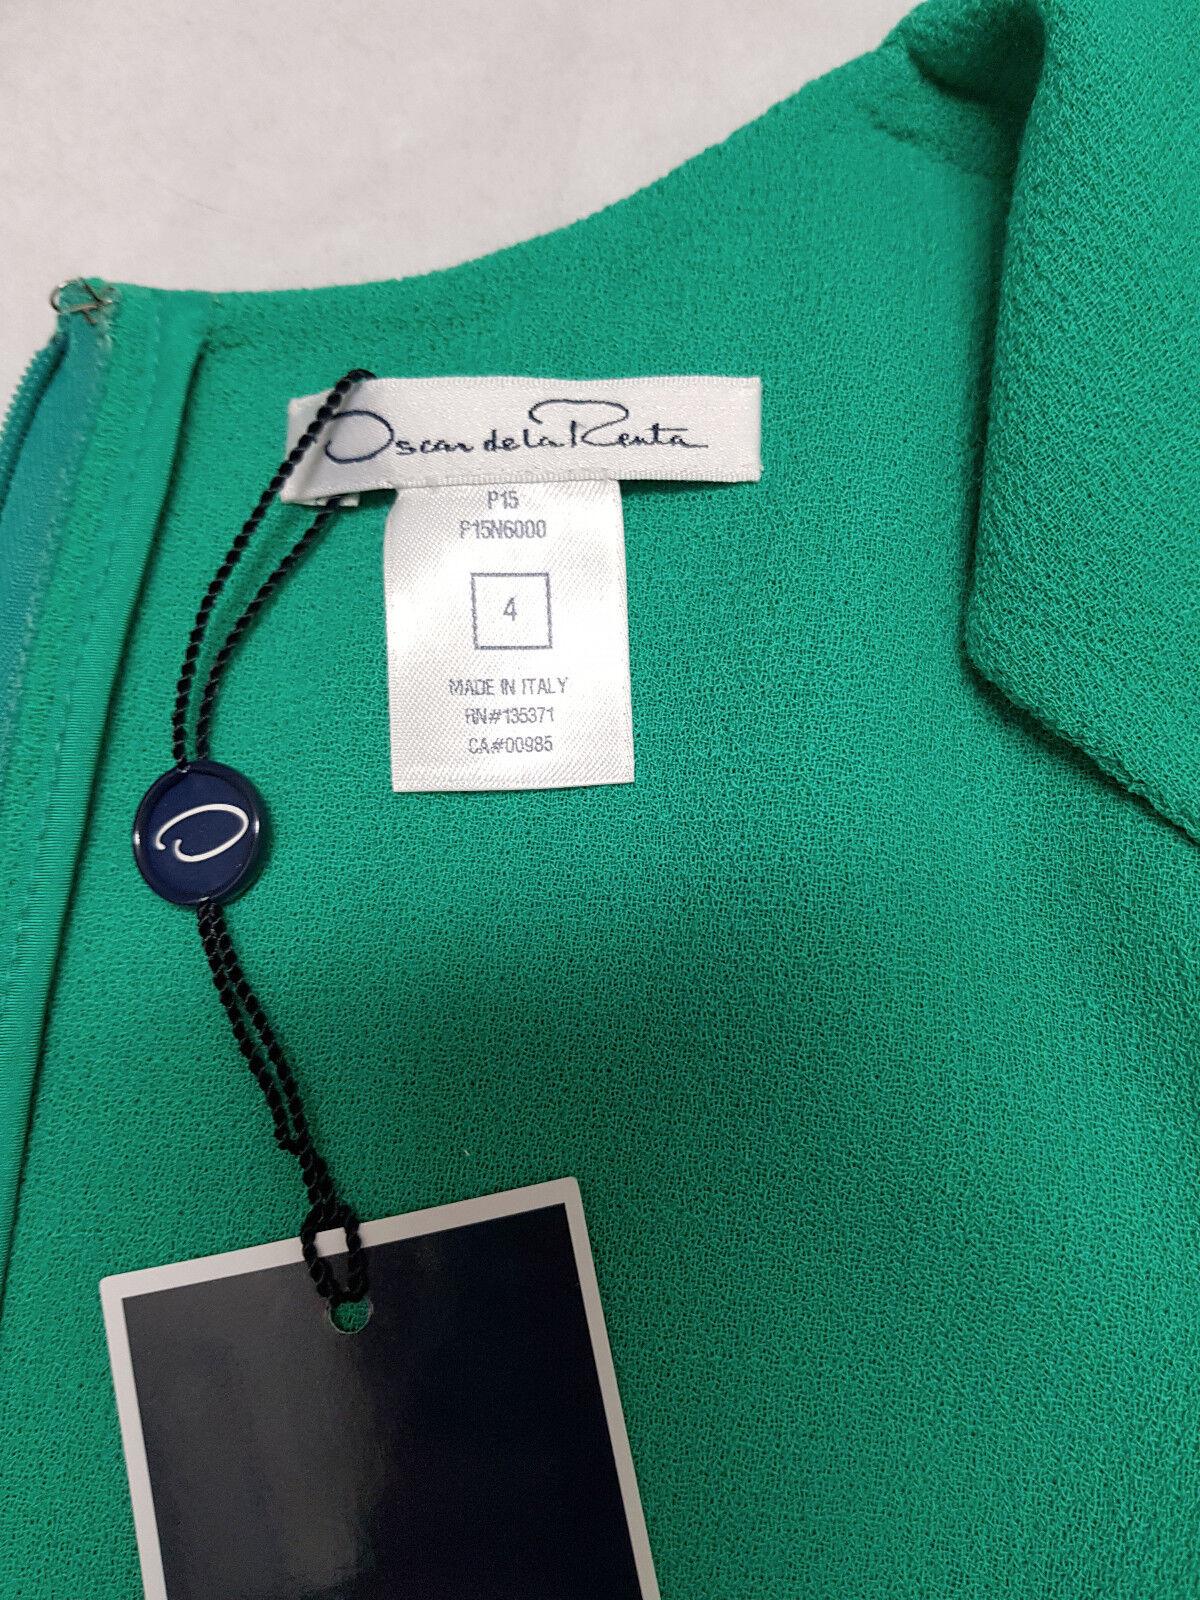 NWT  2.4K Oscar de la Renta  Asymmetric Asymmetric Asymmetric Scarf-Hem Dress, Jade, size 4 c9a7c0